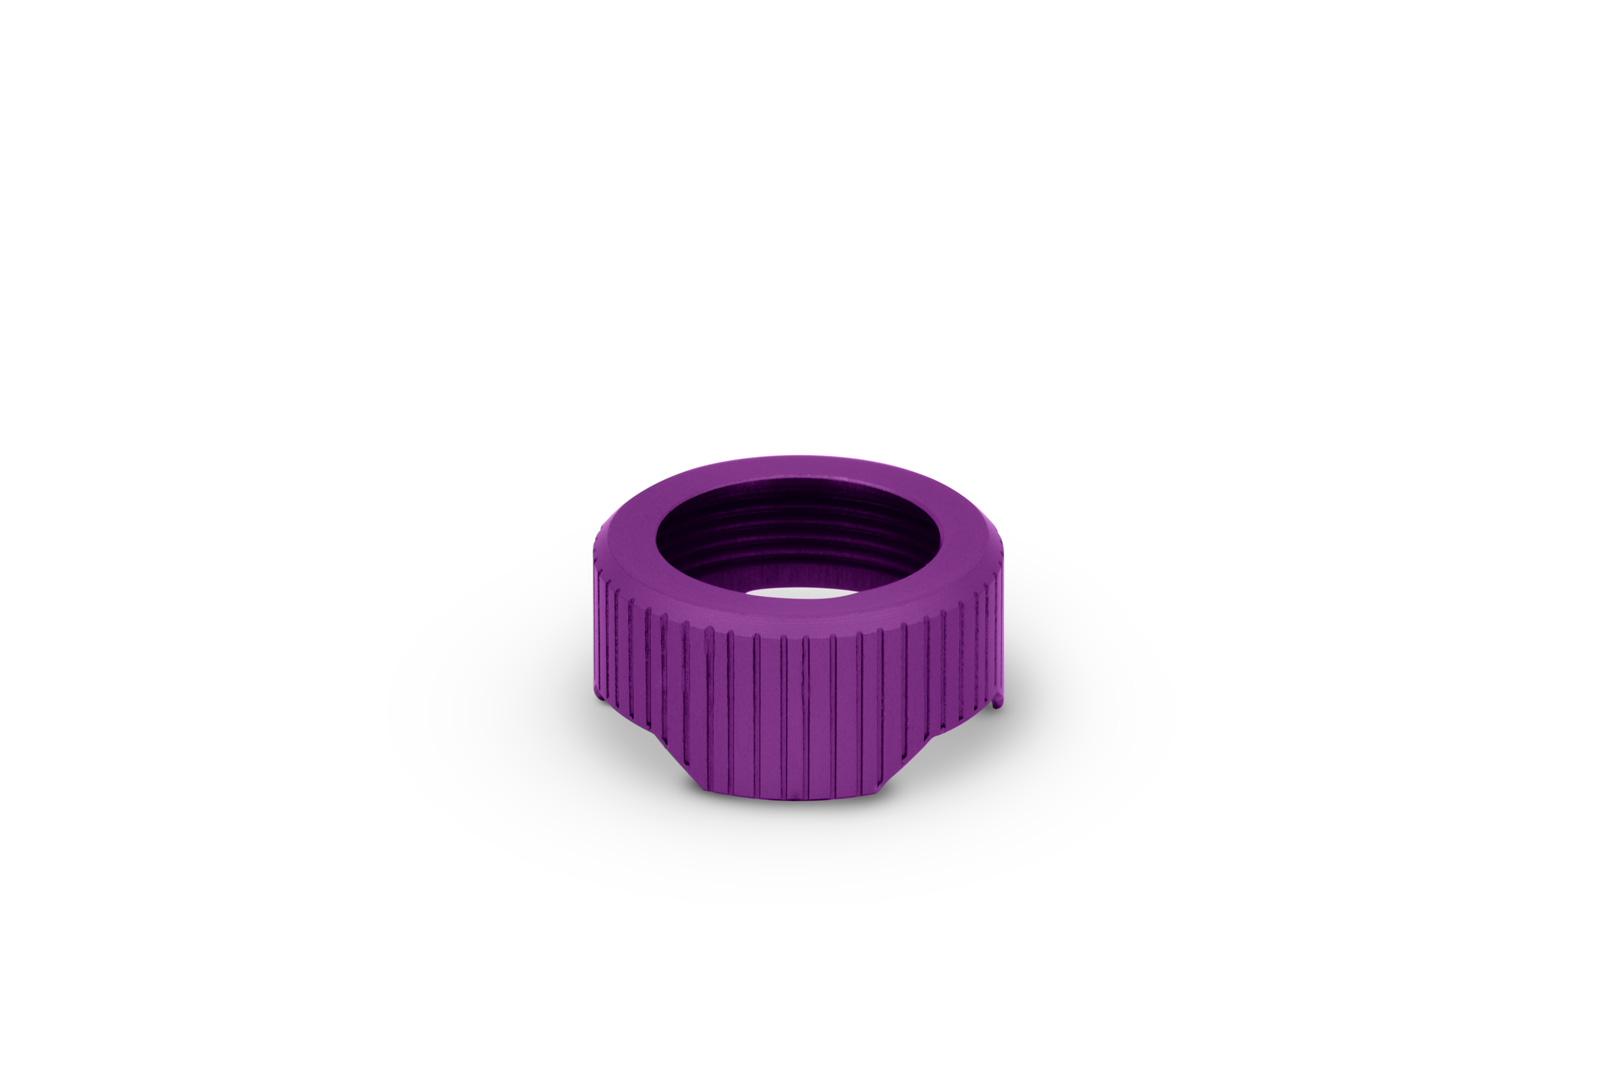 EK-Quantum_Torque_Compression_Ring_6-Pack_HDC_16-Purple_TOP